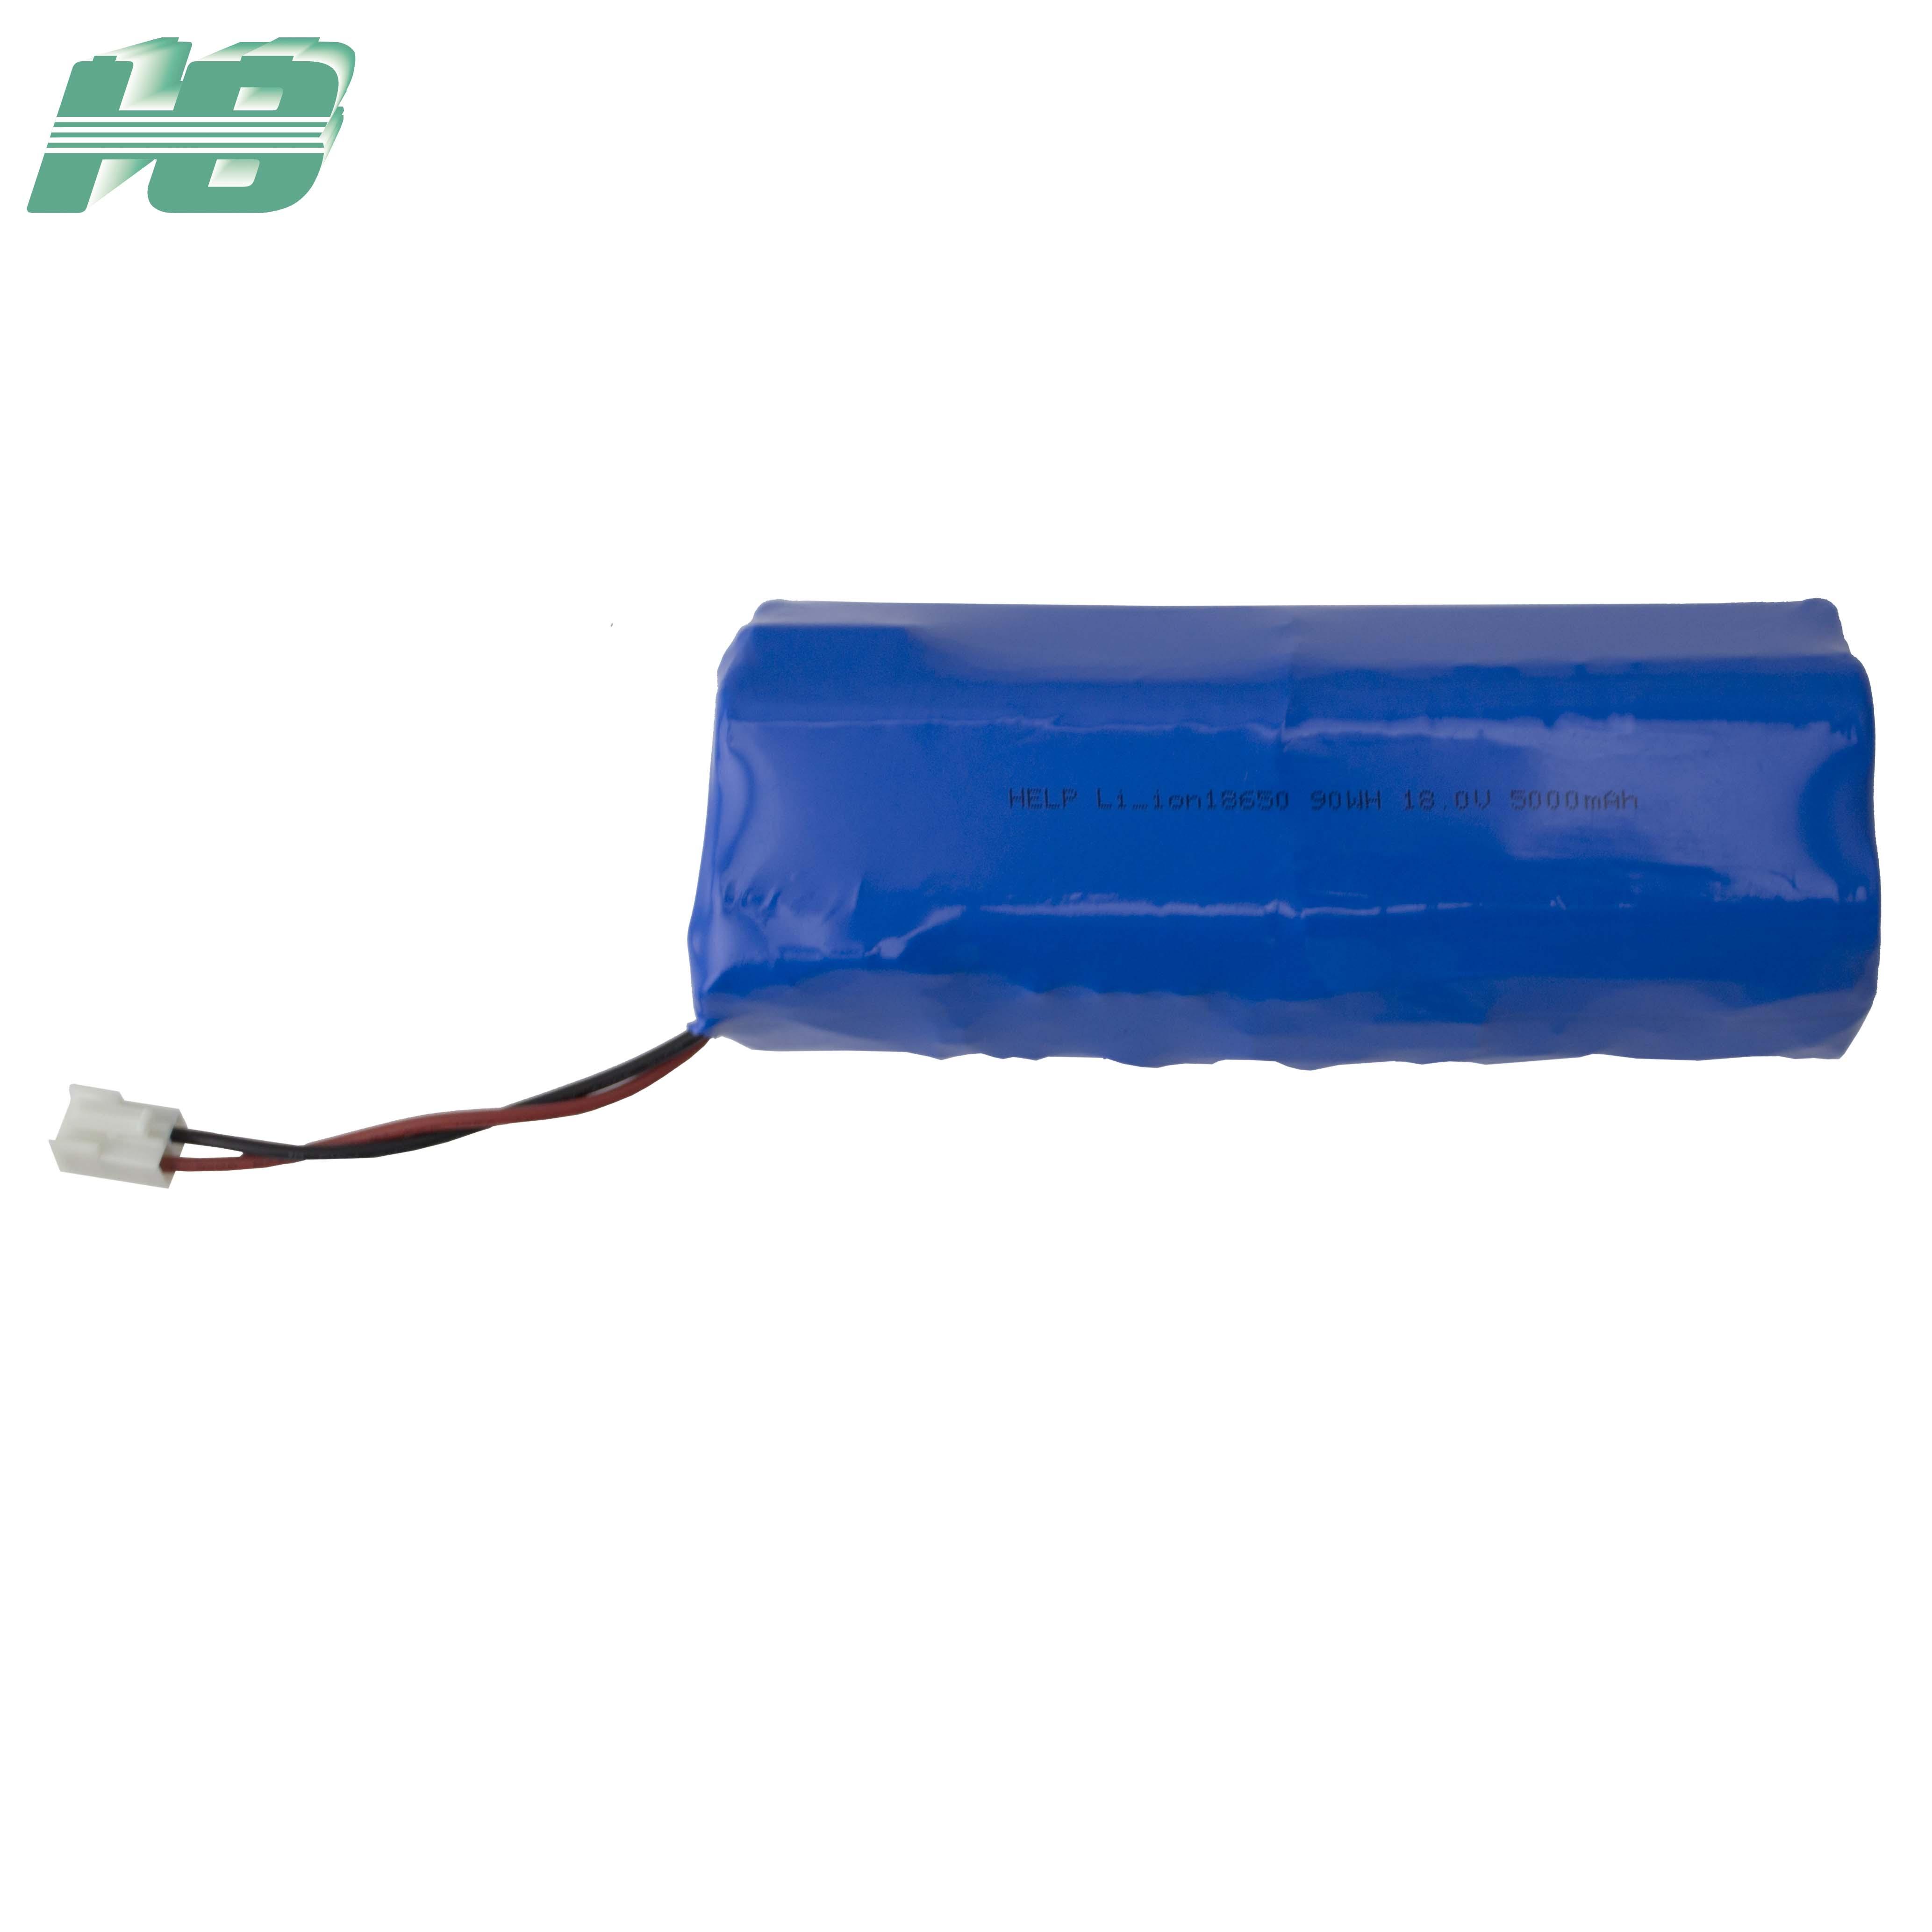 浩博18V锂电池5Ah锂电池<em>低温</em>三元锂离子充电电池90Wh<em>电池</em>厂家直销